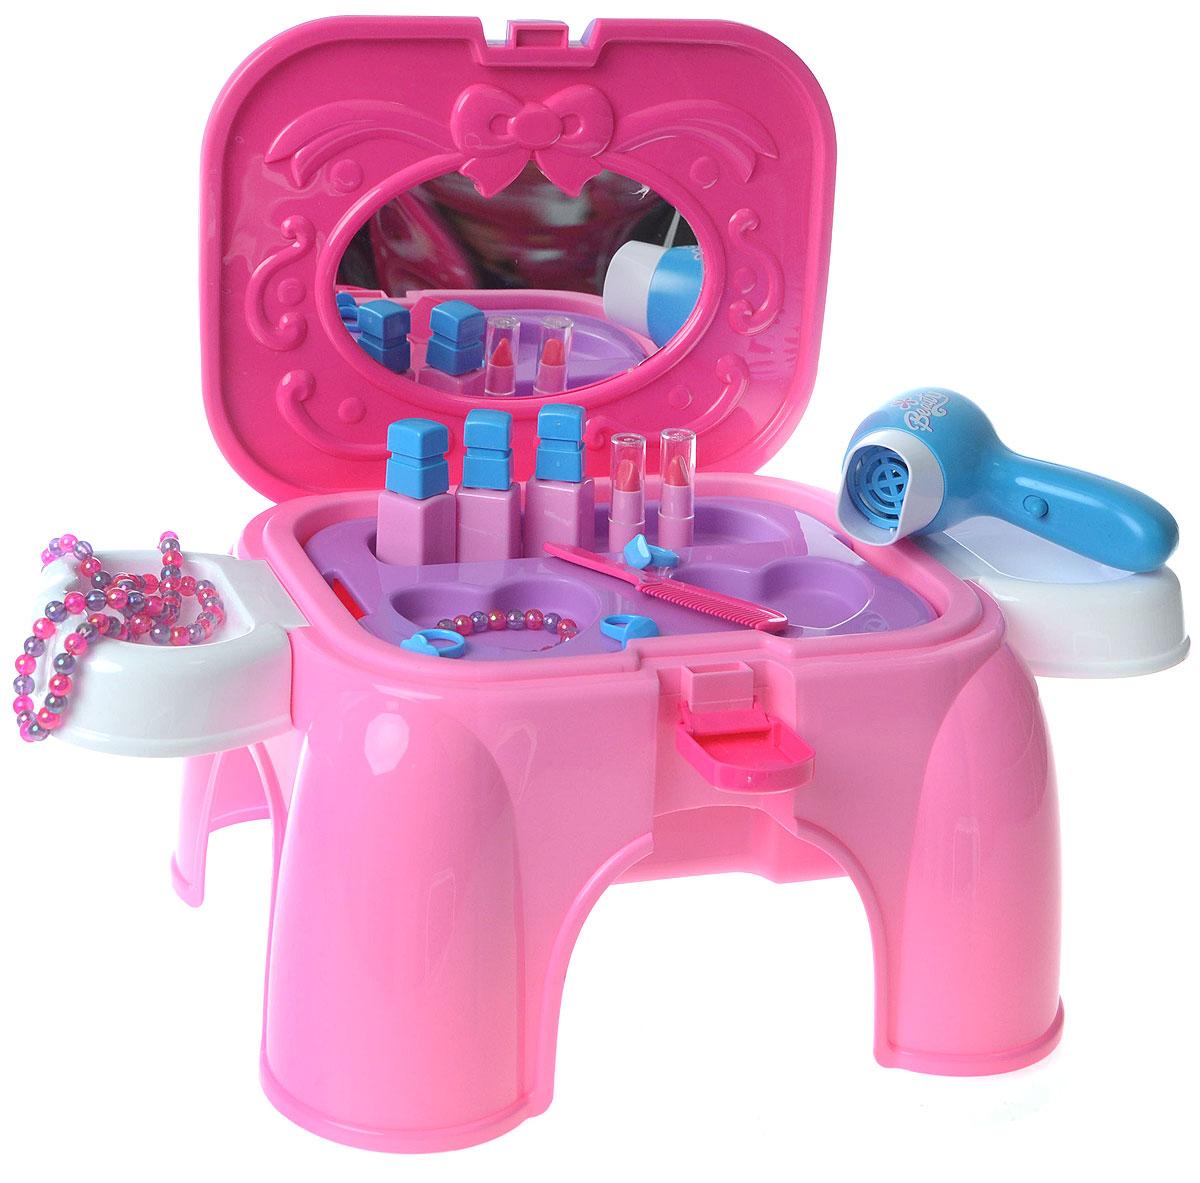 Altacto Игровой набор Салон красоты - Сюжетно-ролевые игрушки